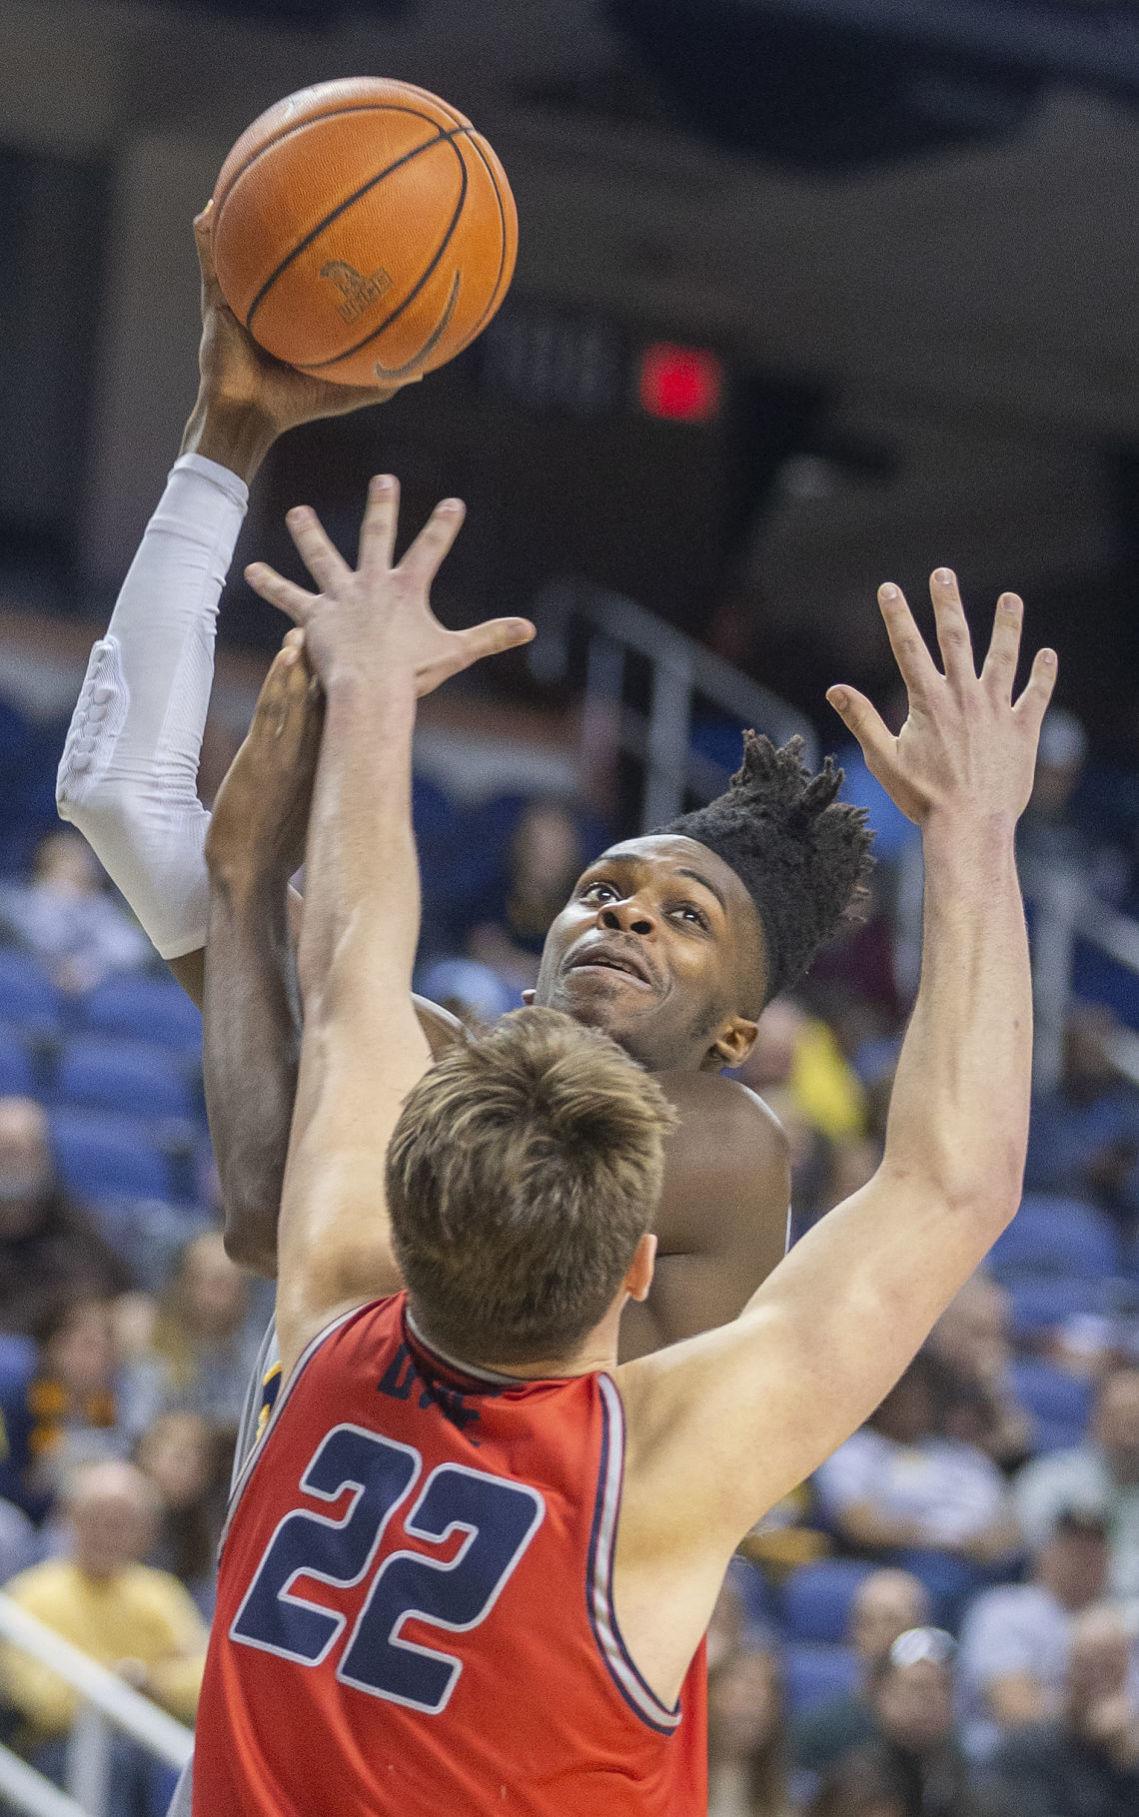 UNCG Samford basketball (copy)